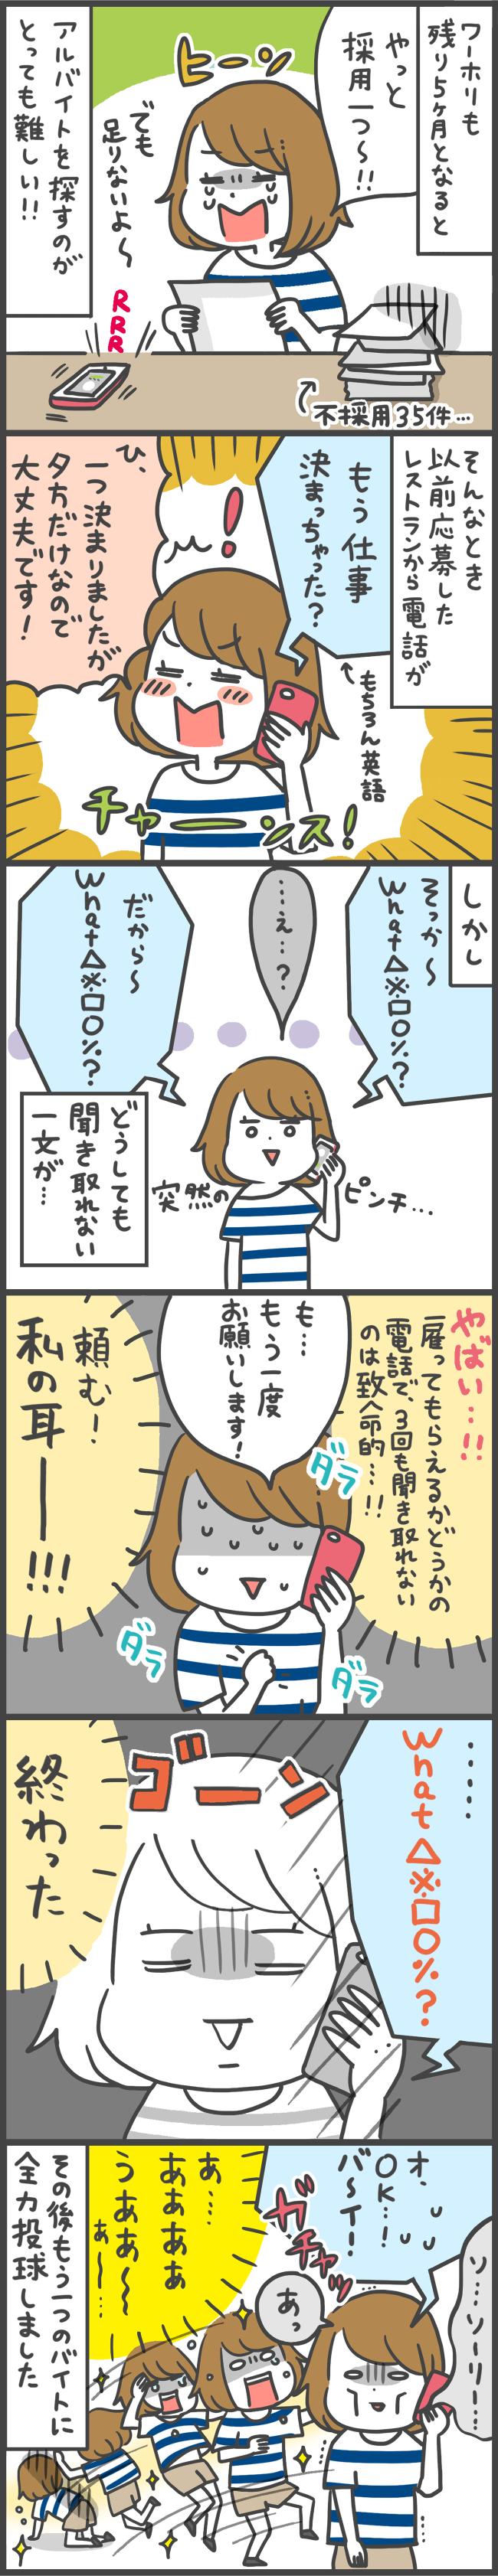 みさPさん・あきばさんのWebマンガ第7回